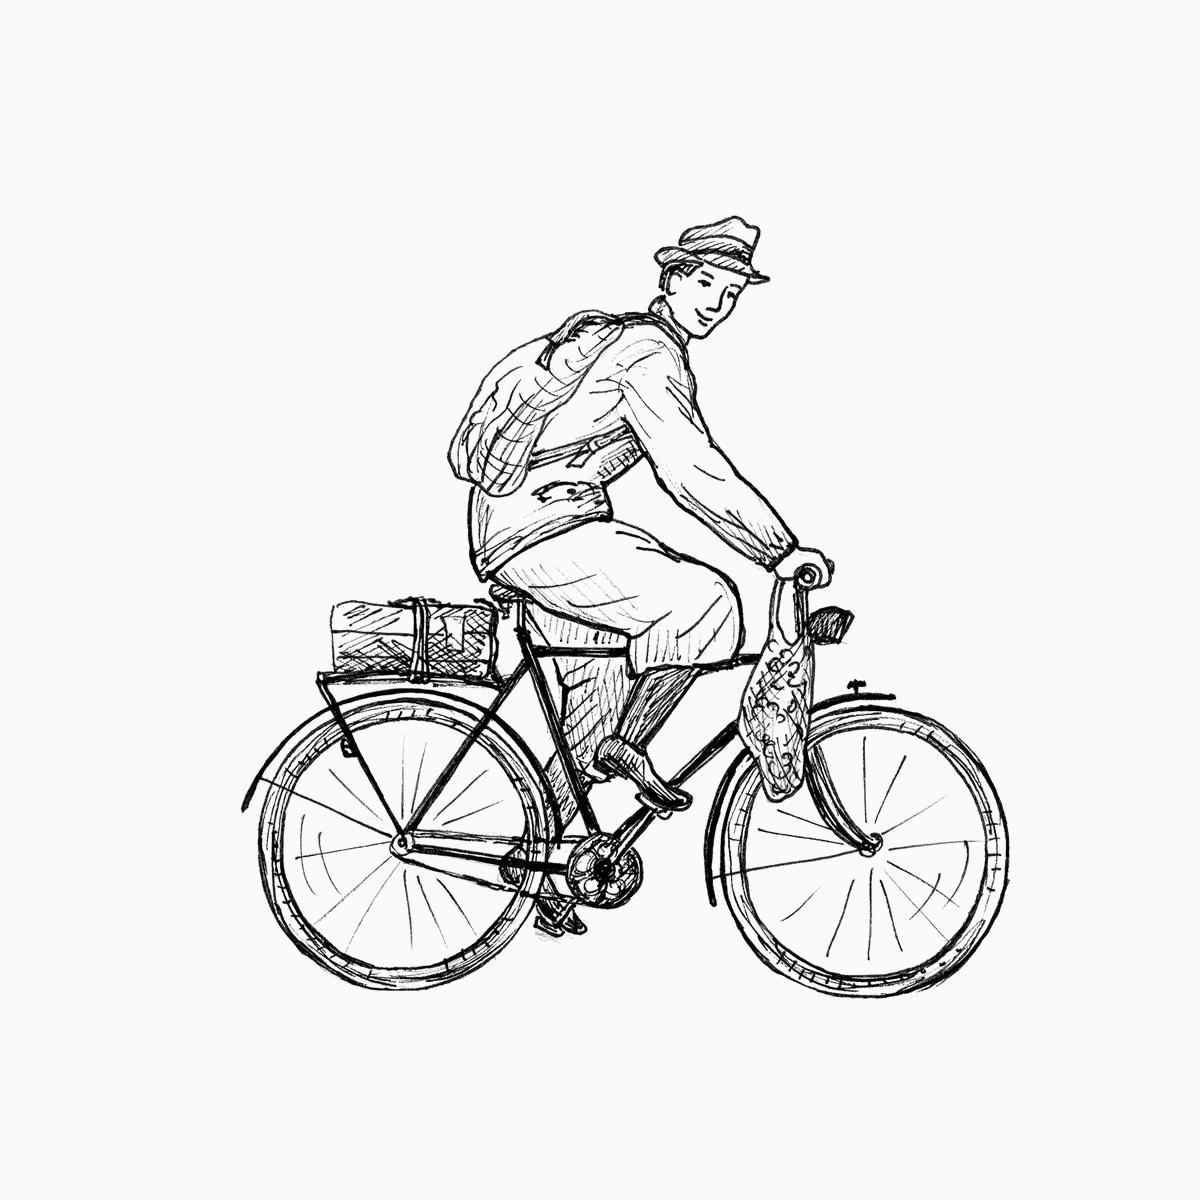 Mann mit Gepäck auf Herren-Fahrrad